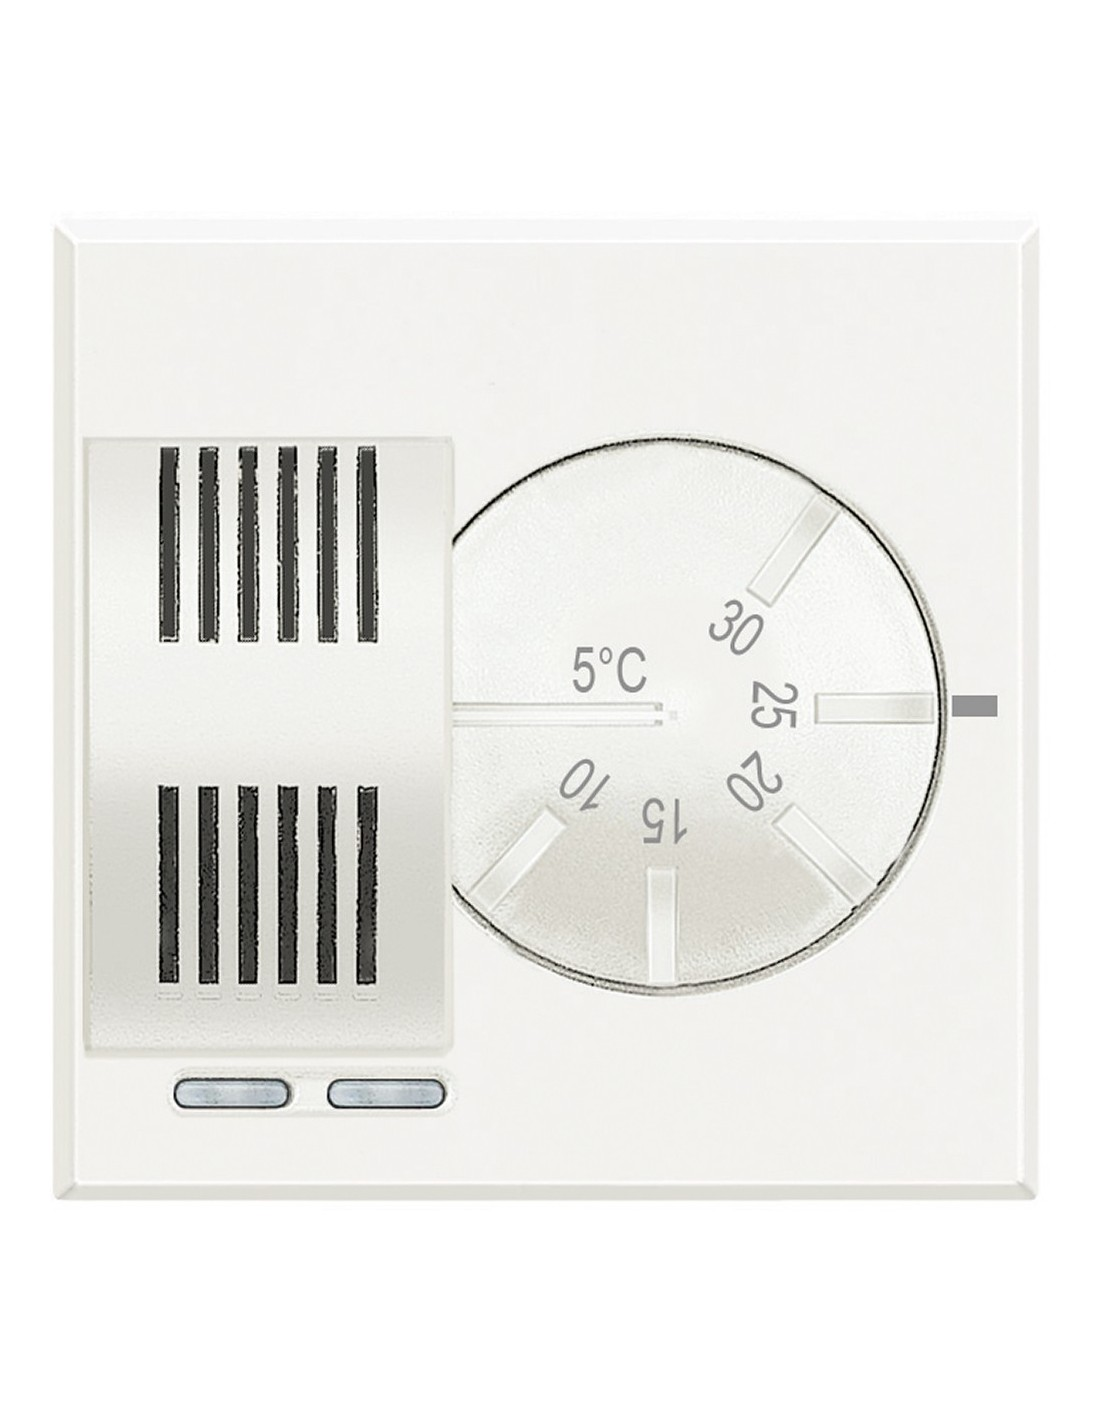 Bticino hd4441 axolute vendita termostato ambiente for Istruzioni termostato bticino